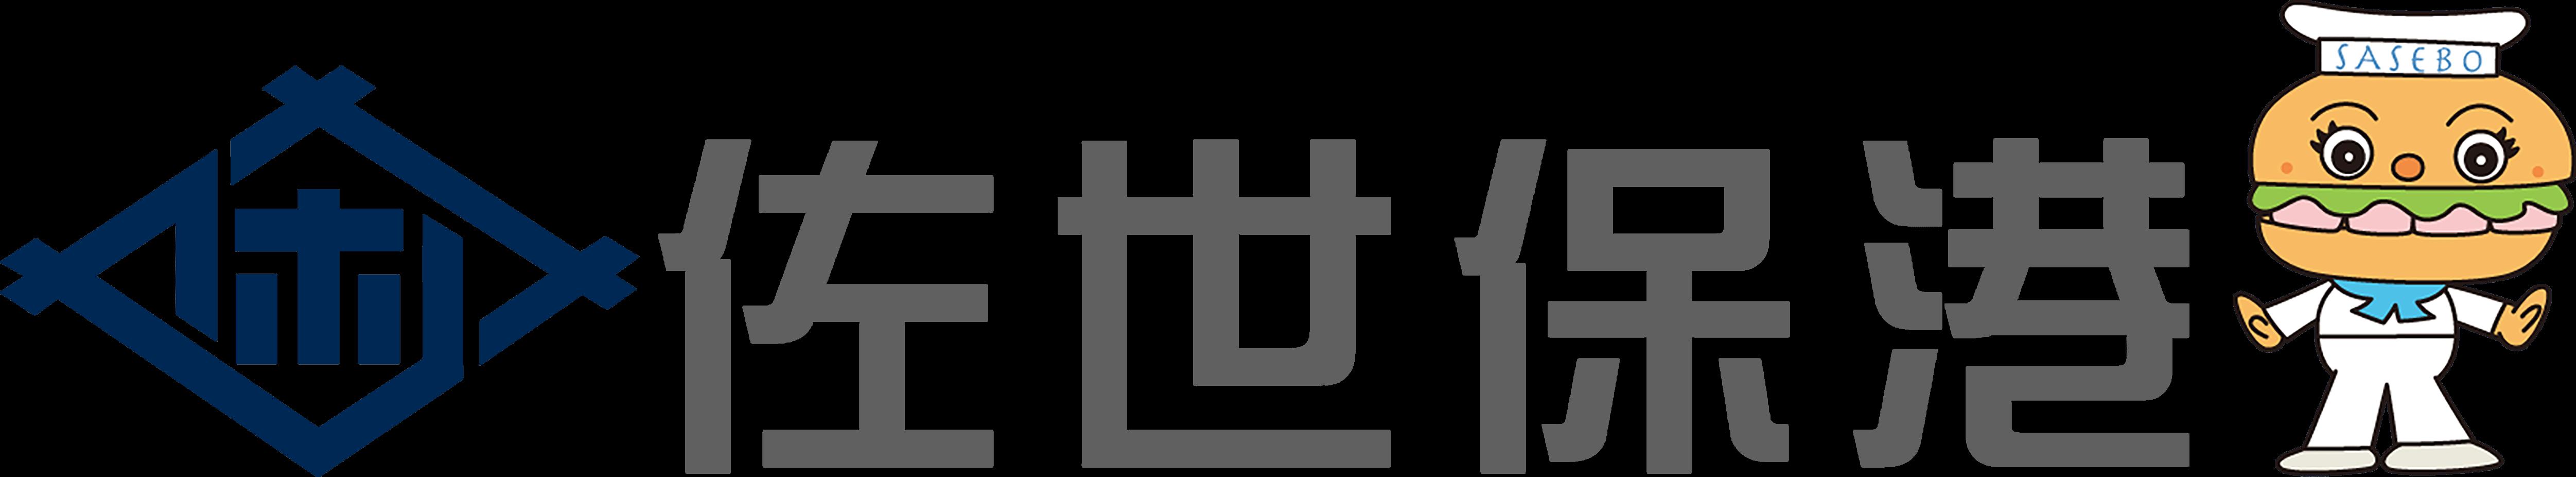 佐世保港ポータルサイト